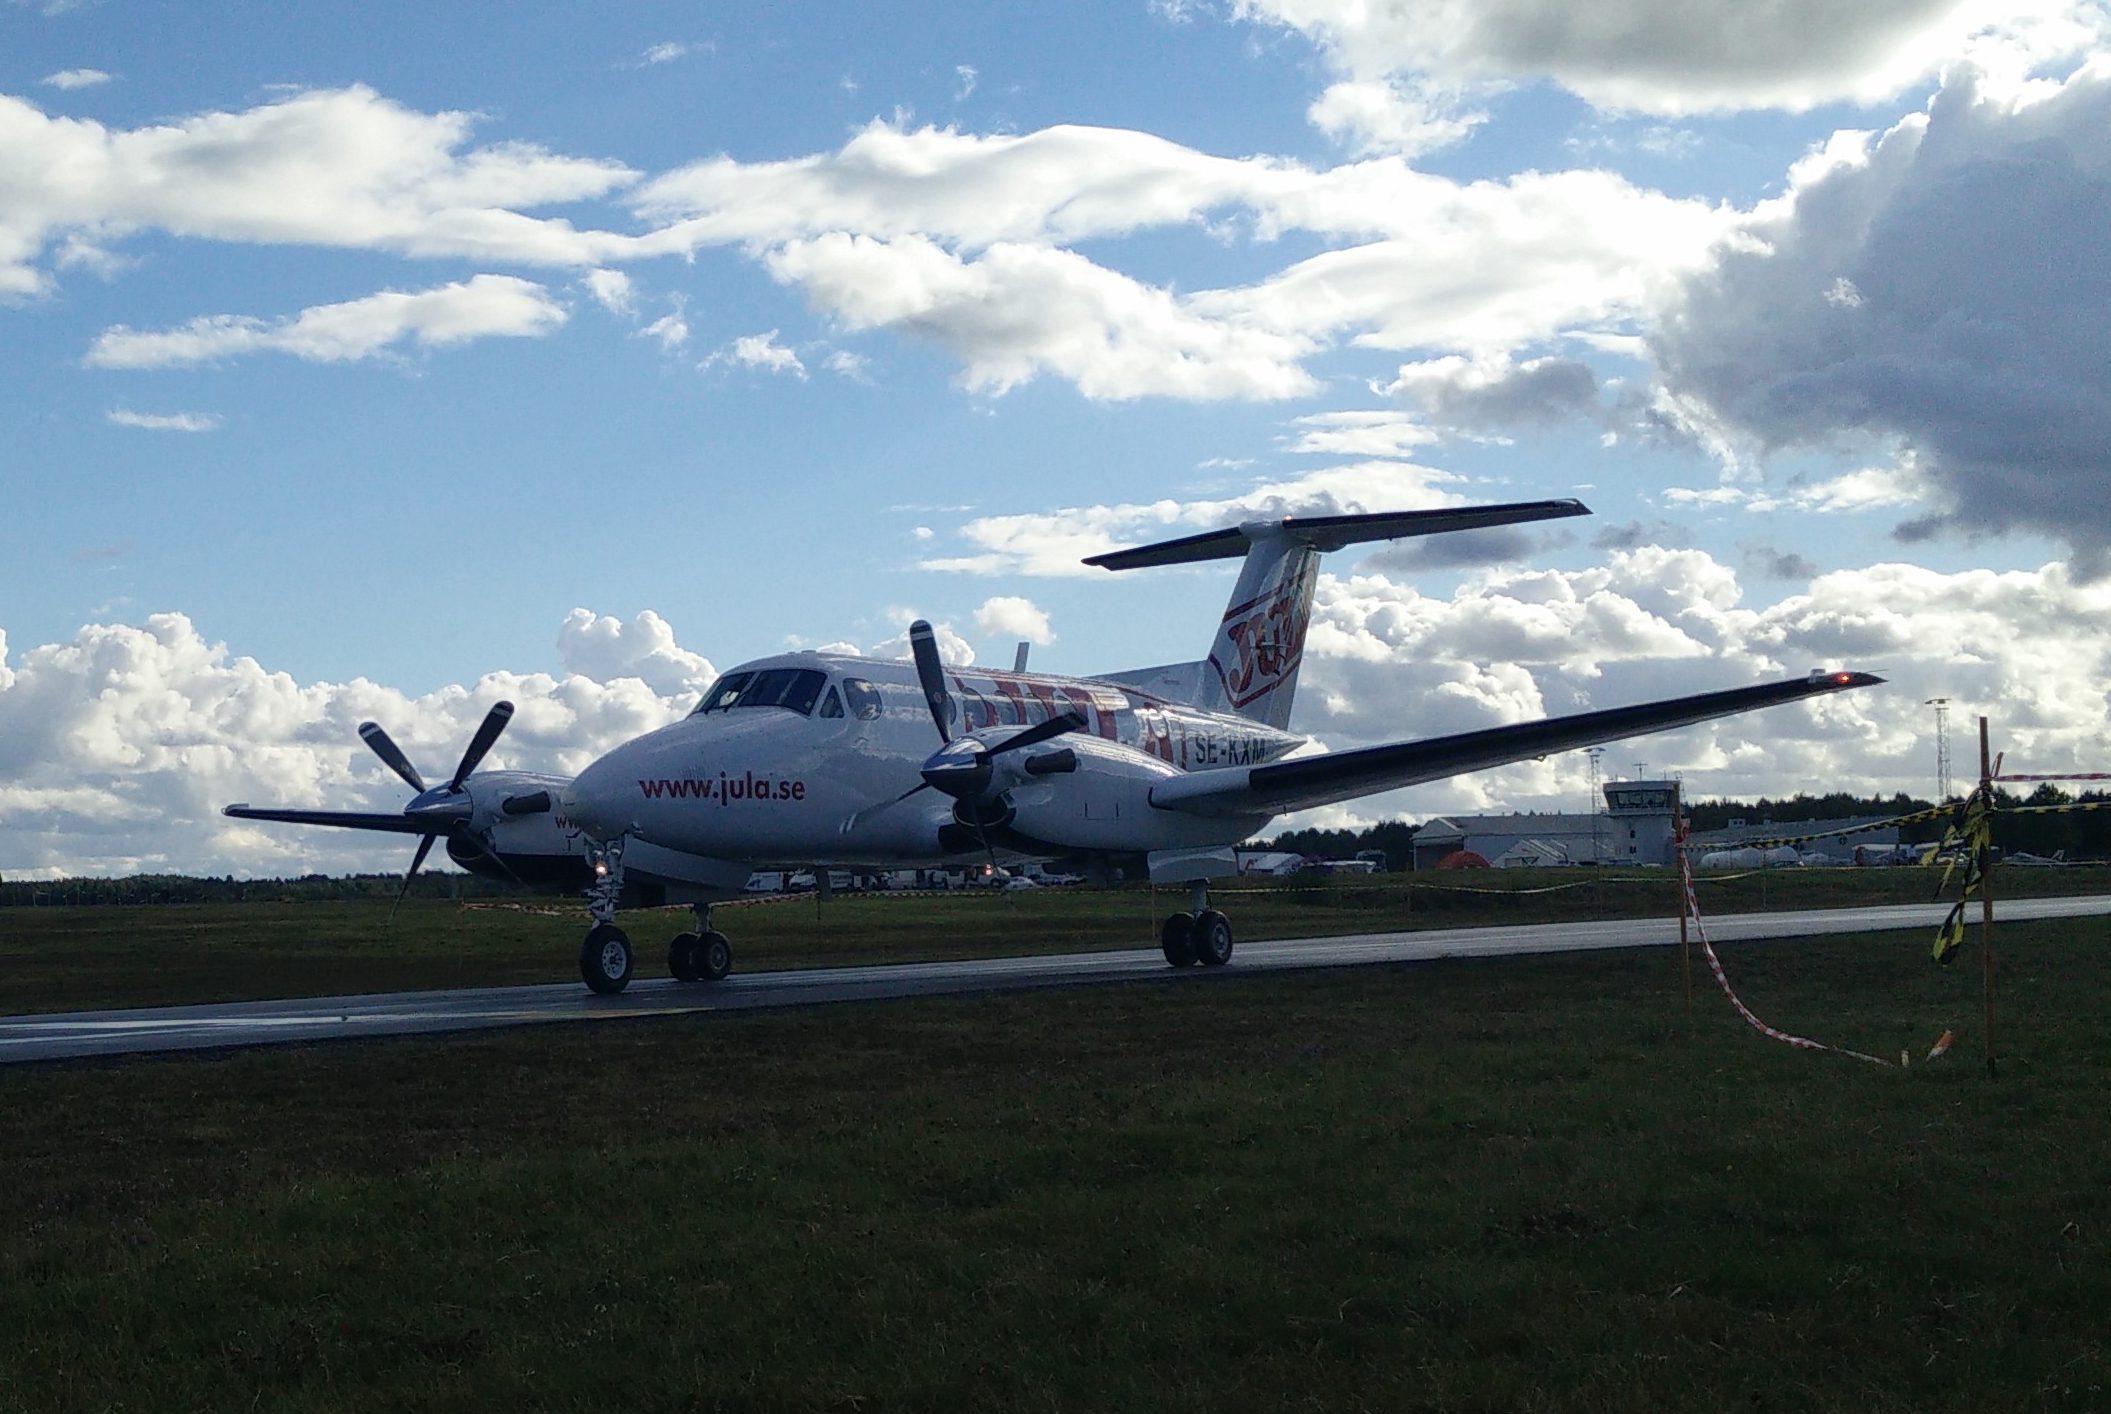 Gissa vem som kom på besök i en Beech King Air?